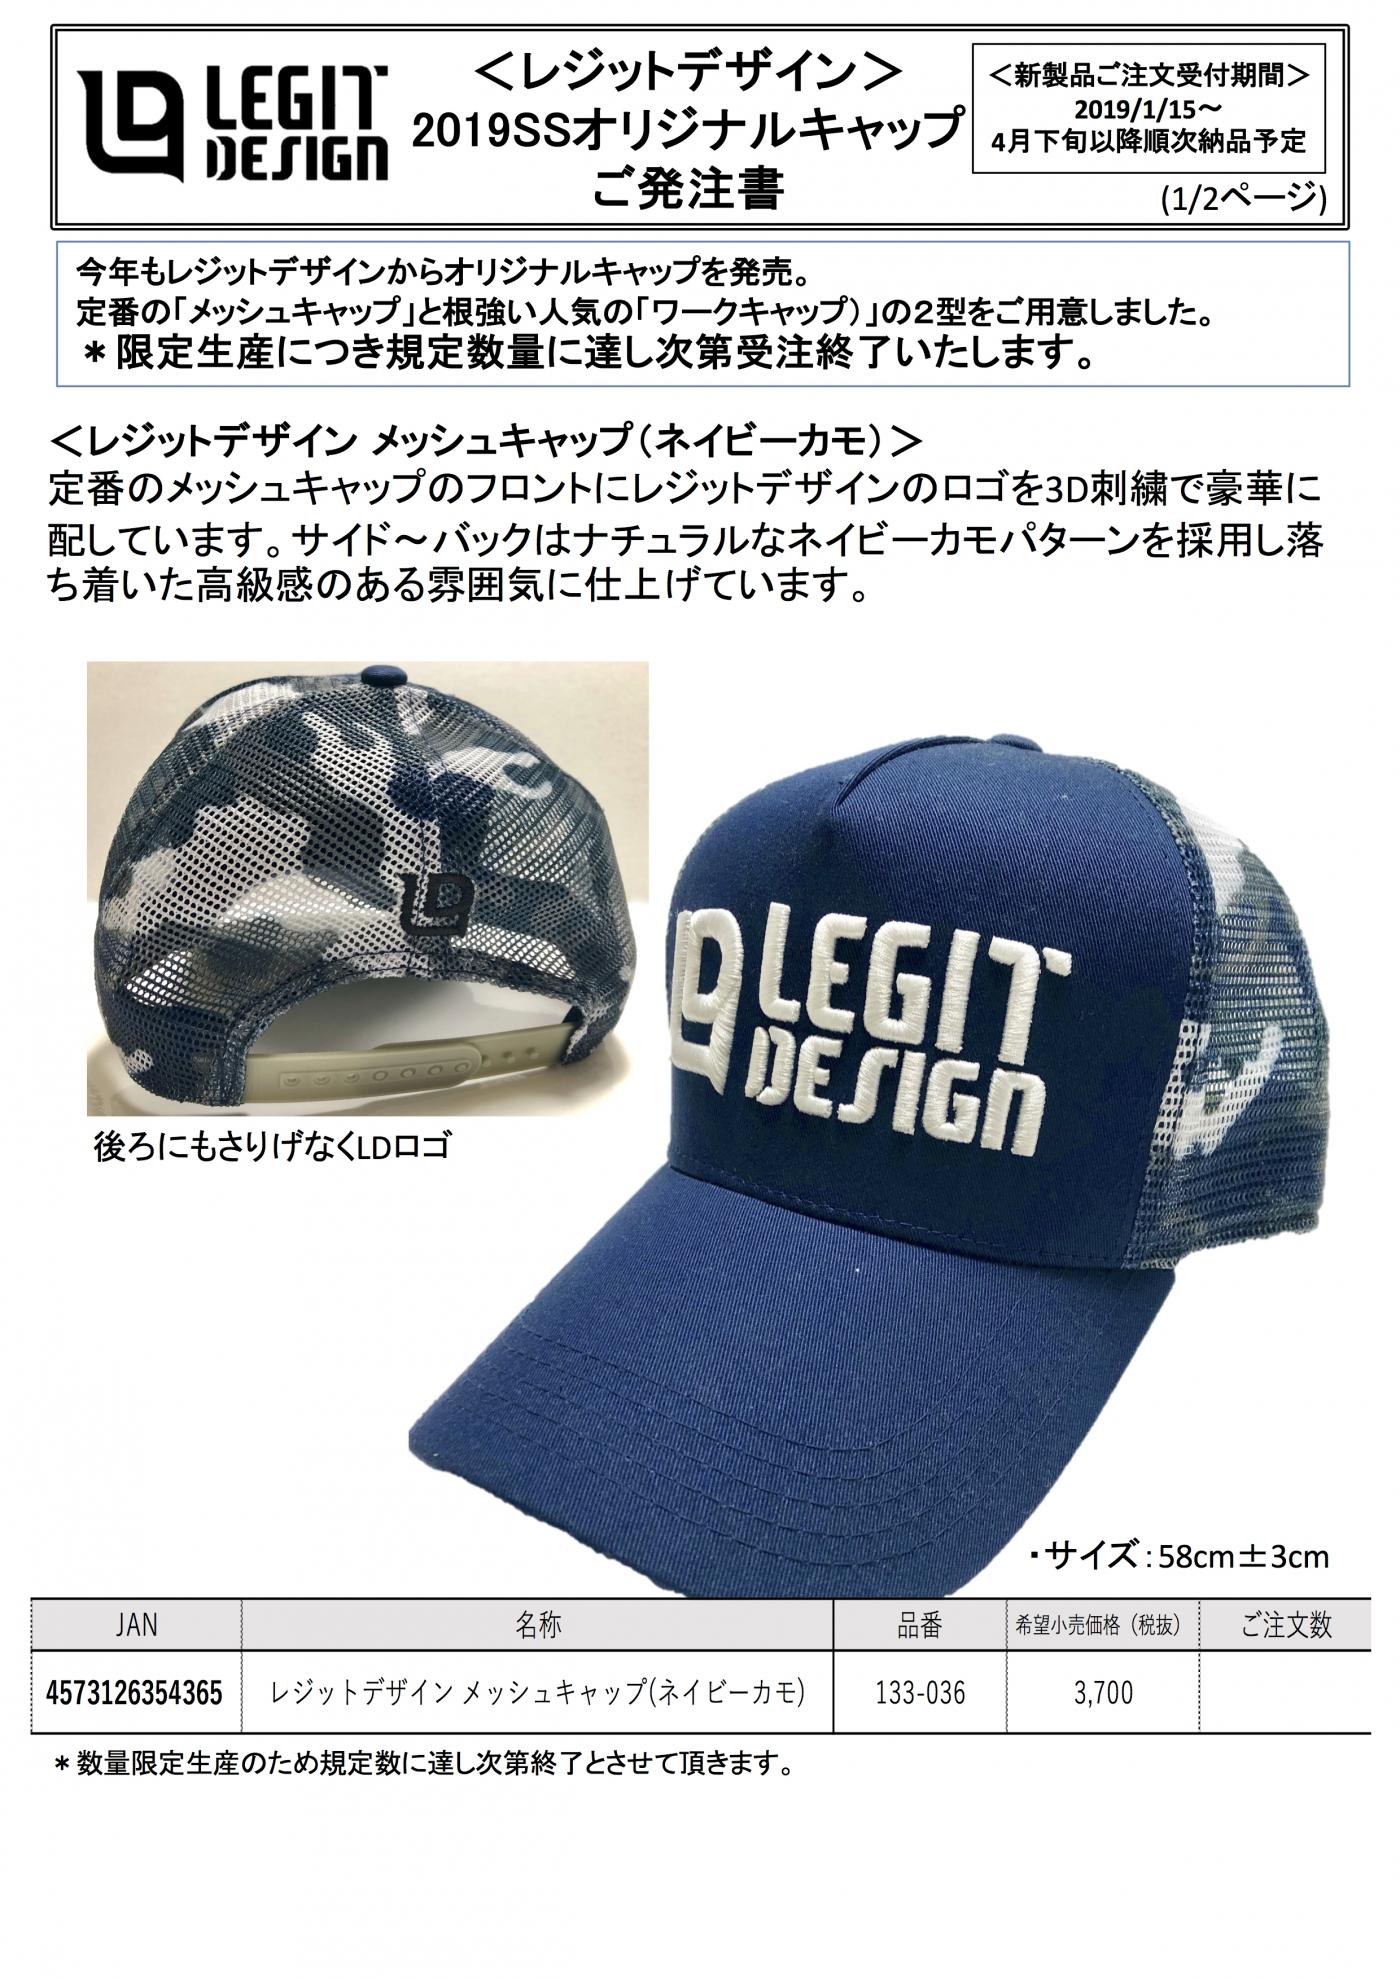 (CAP)LD2019発注書1